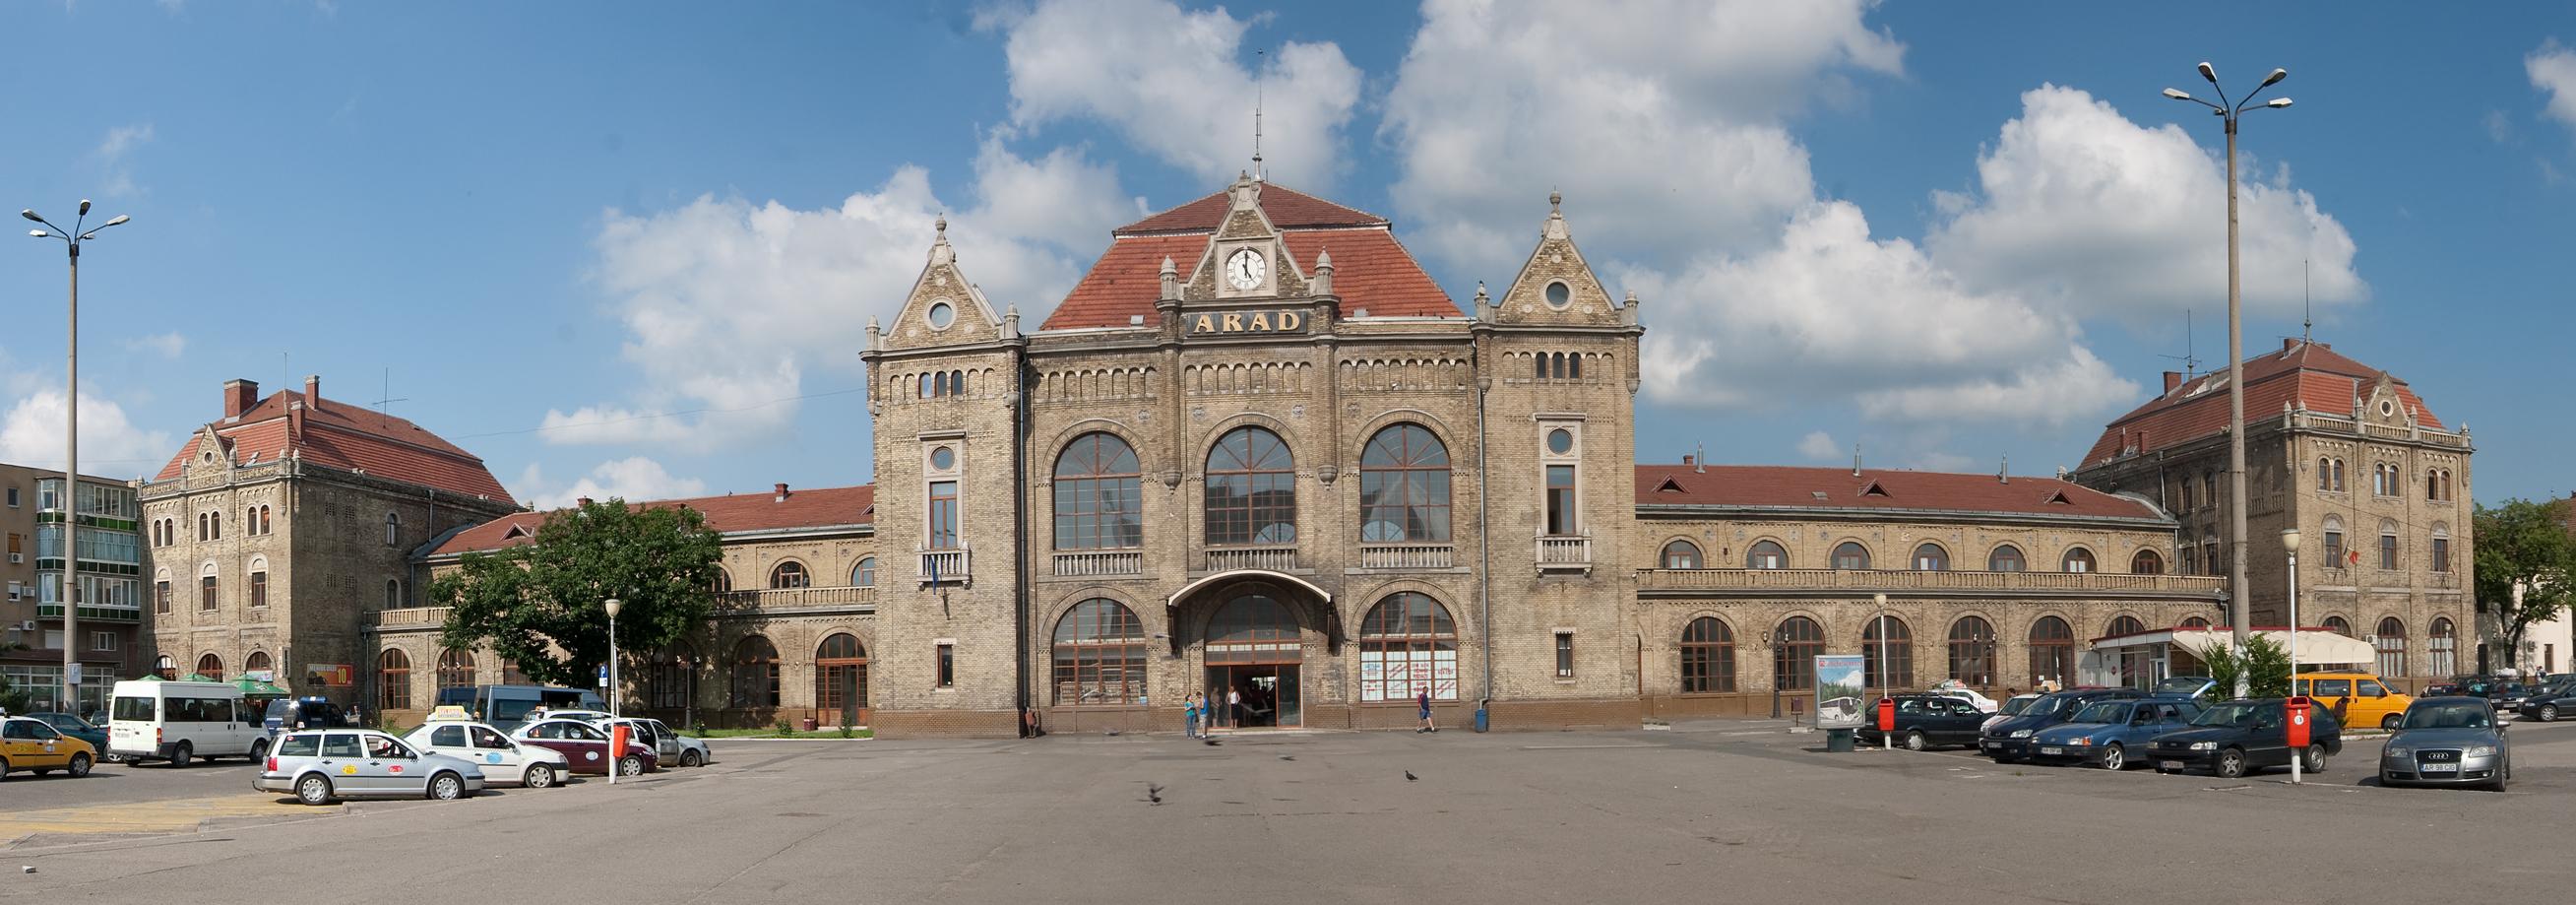 Arad Rumänien trenurile spre ungaria sunt blocate special arad ultimele știri